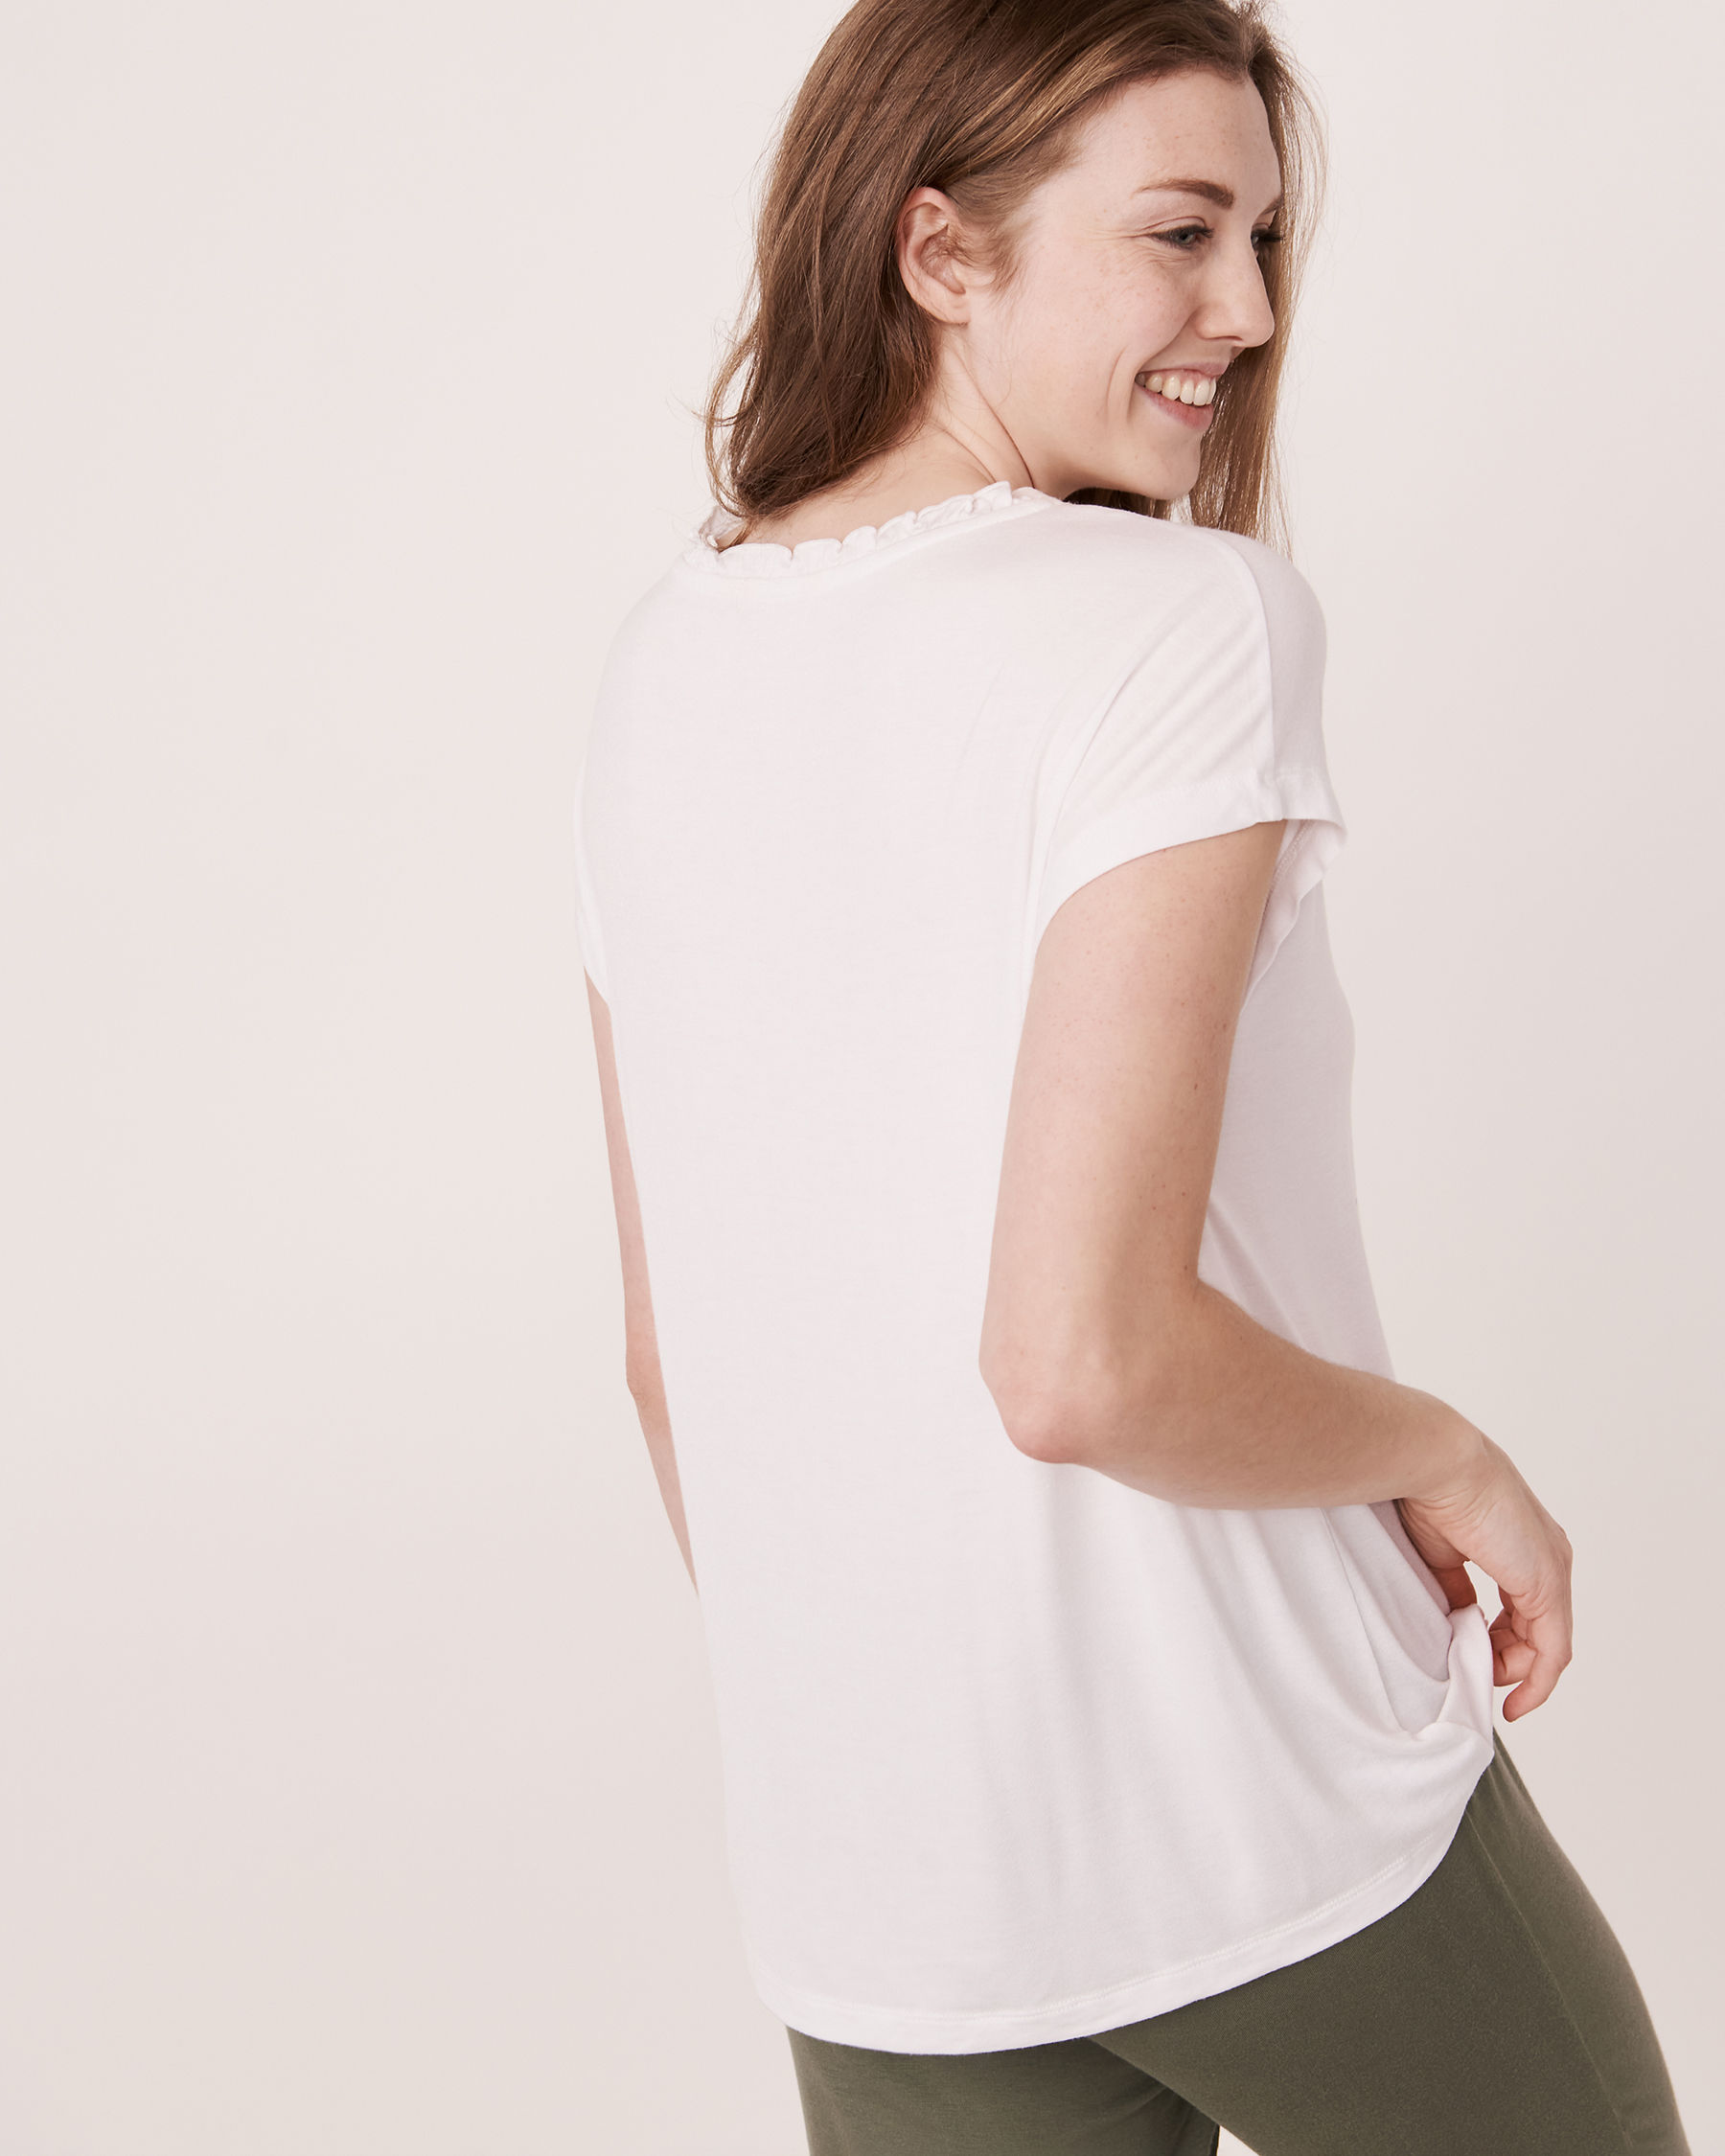 LA VIE EN ROSE Chandail manches courtes encolure en V Blanc 40100030 - Voir2